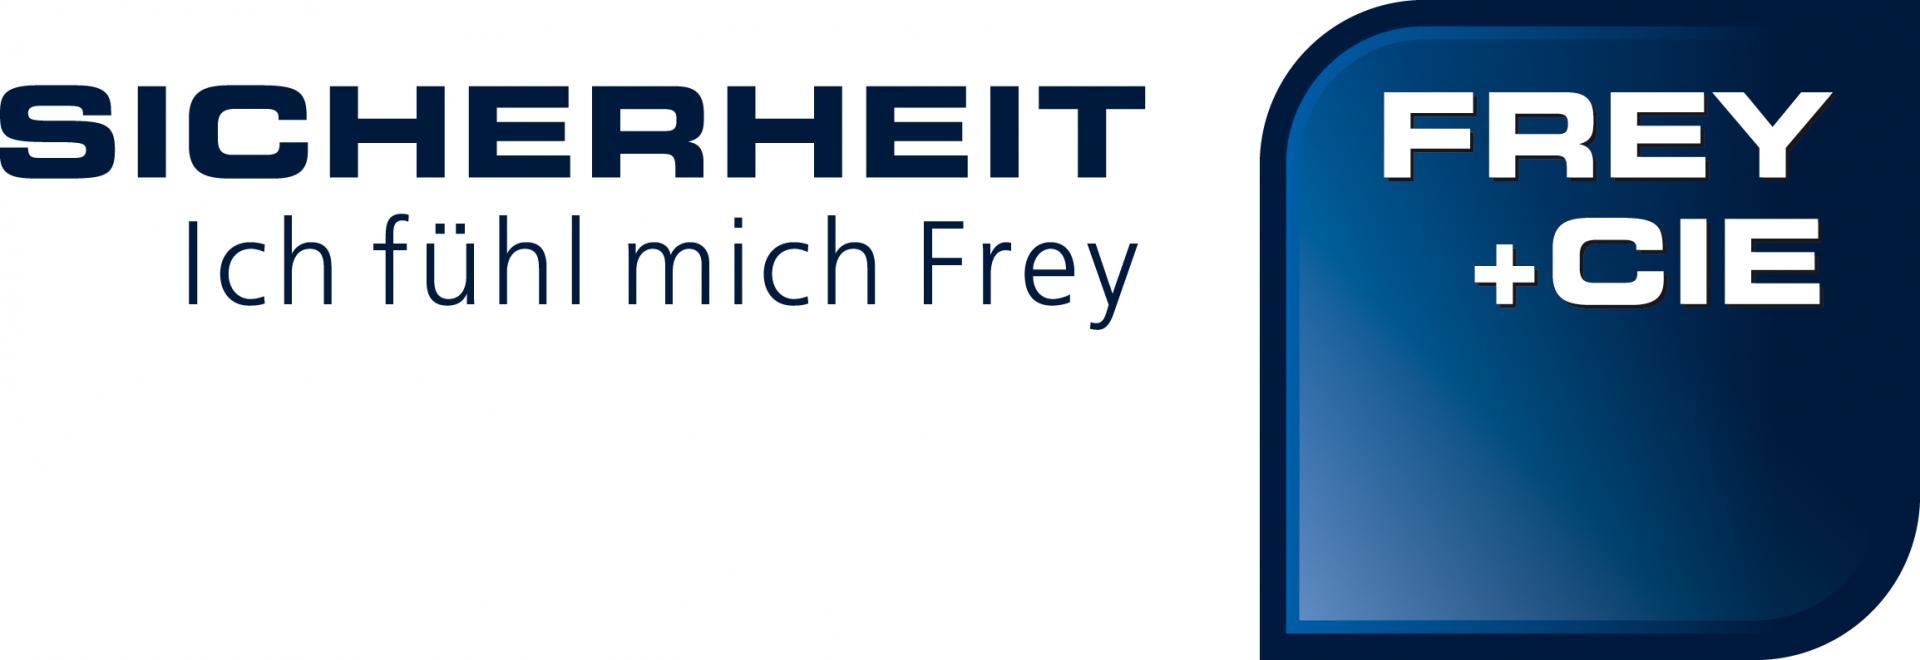 Sicherheit, Ich fühle mich Frey Logo